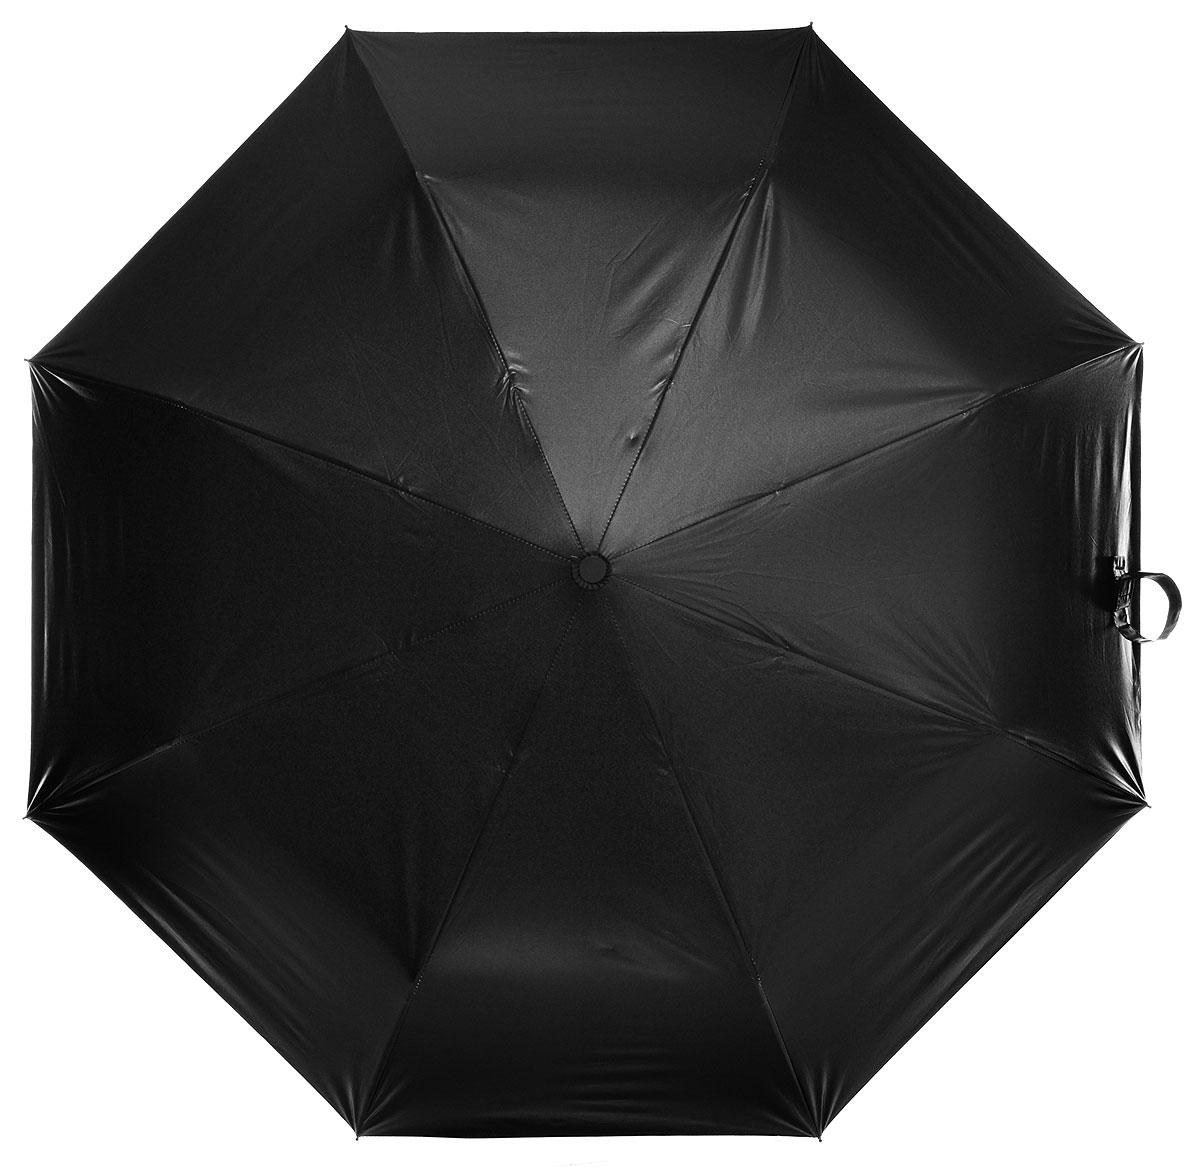 Зонт женский Эврика Небо с облаками, механика, 3 сложения, цвет: черный, голубой. 9525995259Оригинальный зонт Эврика не оставит вас незамеченной. С внутренней стороны зонт оформлен ярким изображением неба с облаками. Стержень изделия изготовлен из металла. Купол выполнен из качественного нейлона, который не пропускает воду. Зонт состоит из шести спиц, изготовленных из металла с элементами из пластика и пластиковой ручки. Зонт имеет механический способ сложения: и купол, и стержень открываются вручную до характерного щелчка. Ручка дополнена петлей, благодаря которой зонт можно носить на запястье. К зонту прилагается чехол. Благодаря своему небольшому размеру, зонт легко пометится в сумку. Раскрыв зонт можно увидеть внутри голубое небо с облаками. Такой оригинальный зонт станет отличным подарком и надежной защитой от непогоды.